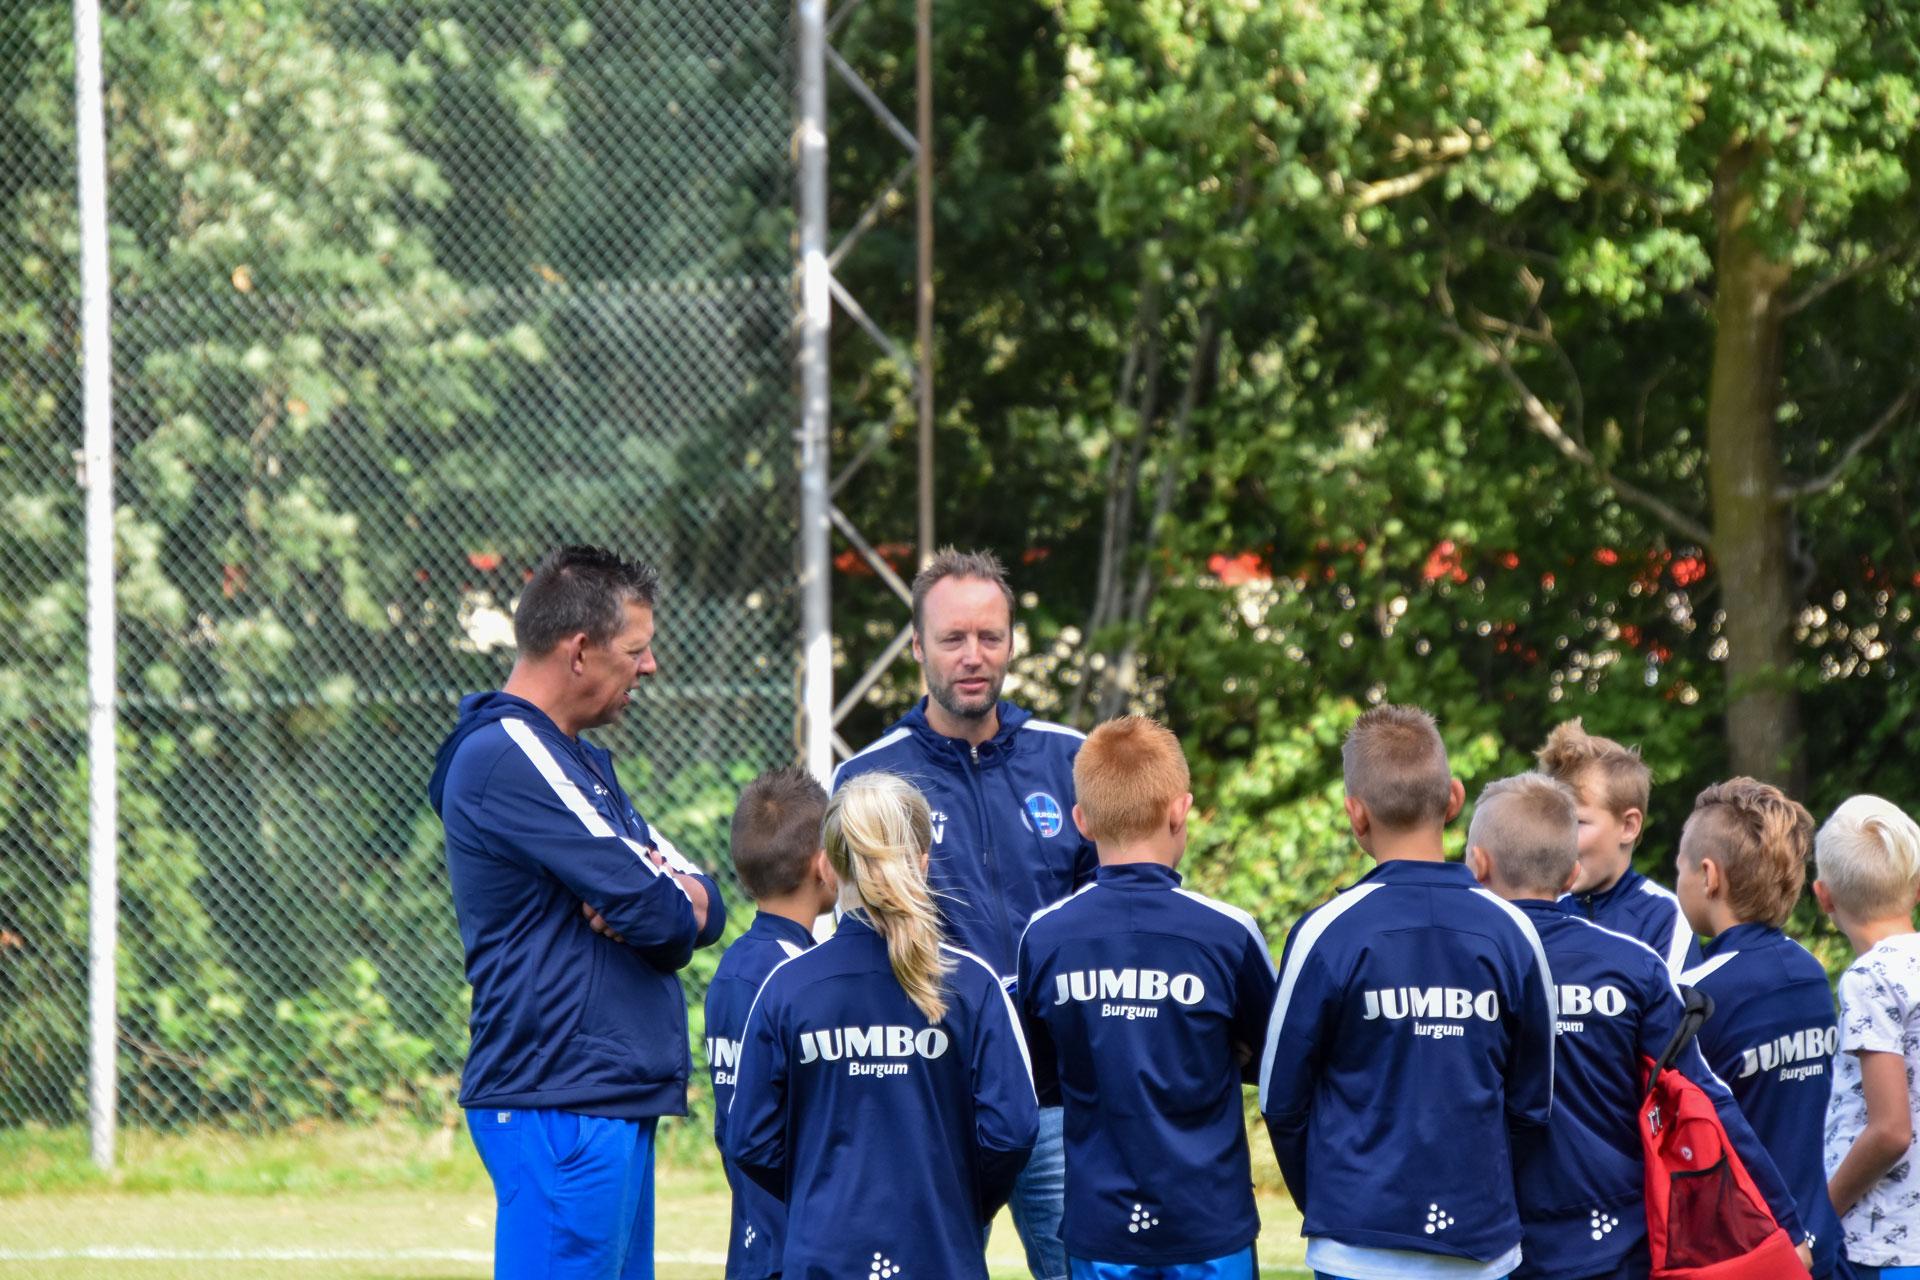 Teammanagers in the spotlight: Jan Wijnsma en Peter de Jager